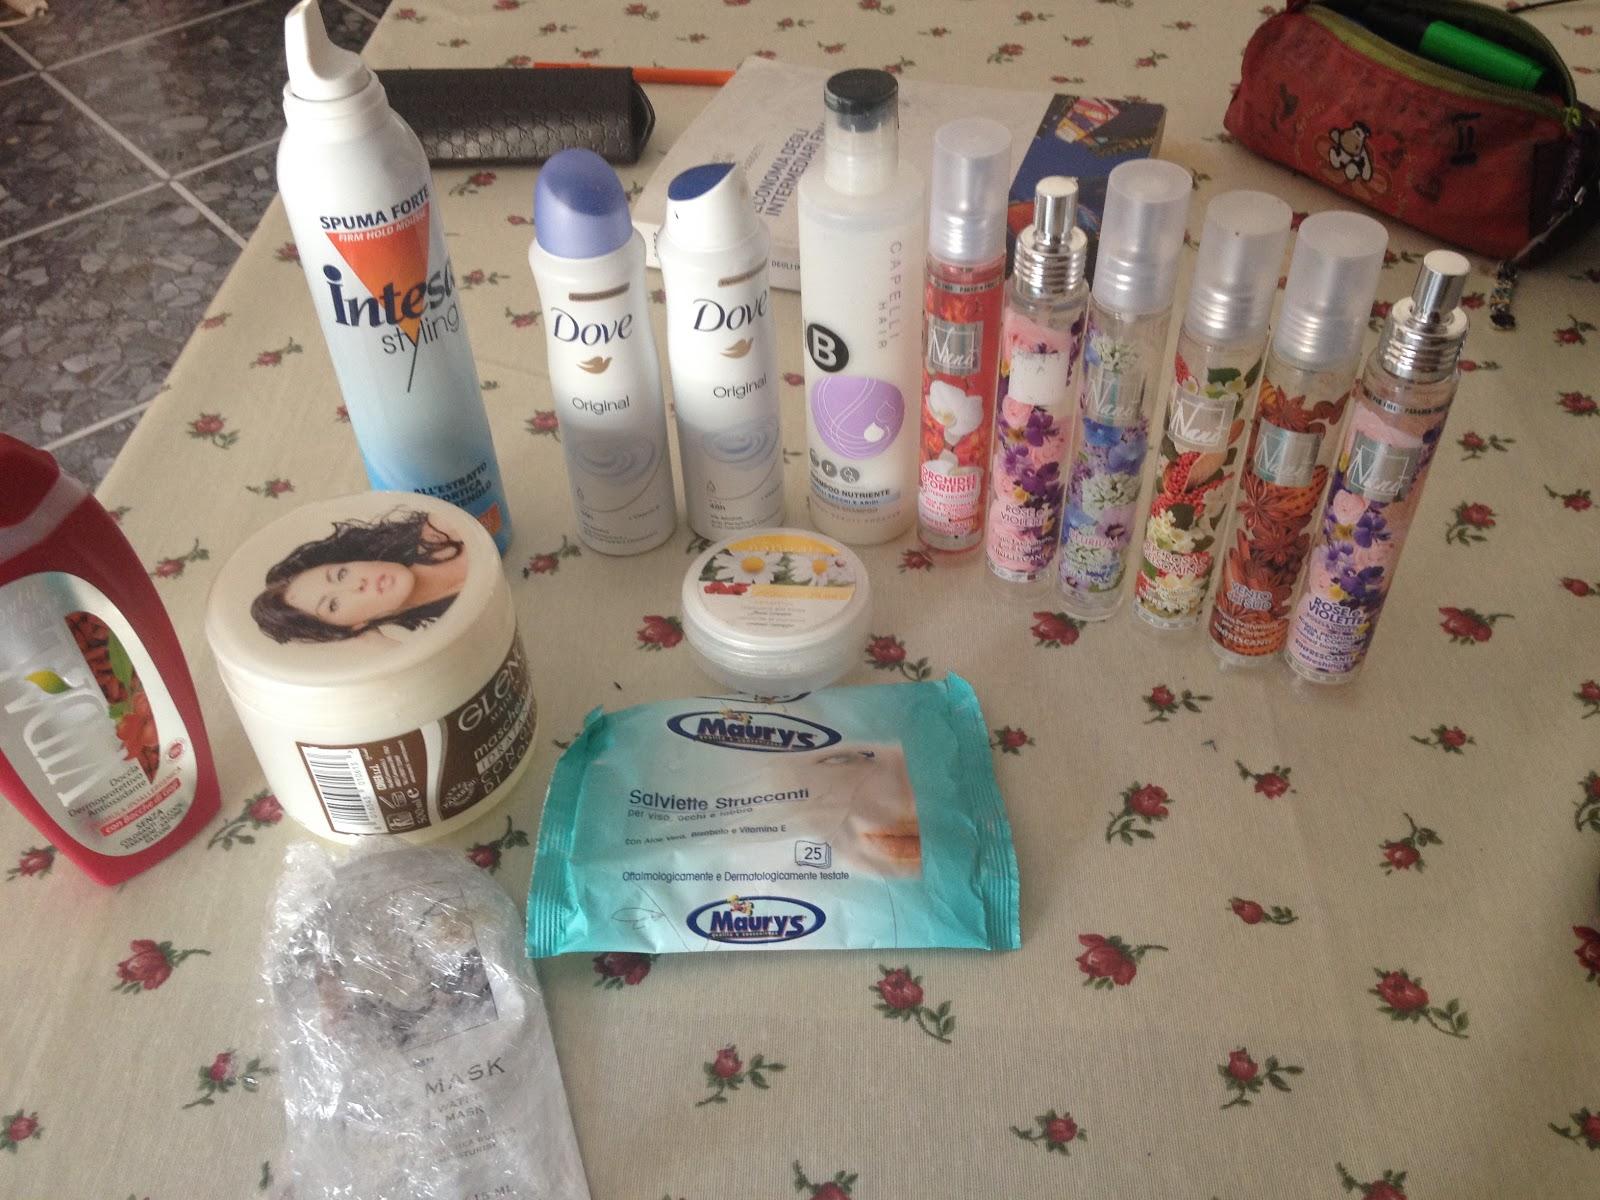 Maschera capelli idratante con olio di cocco - Glenova - Face Mask Coconut  Water - H M - Spuma forte - Intesa Styling 9c222114c674